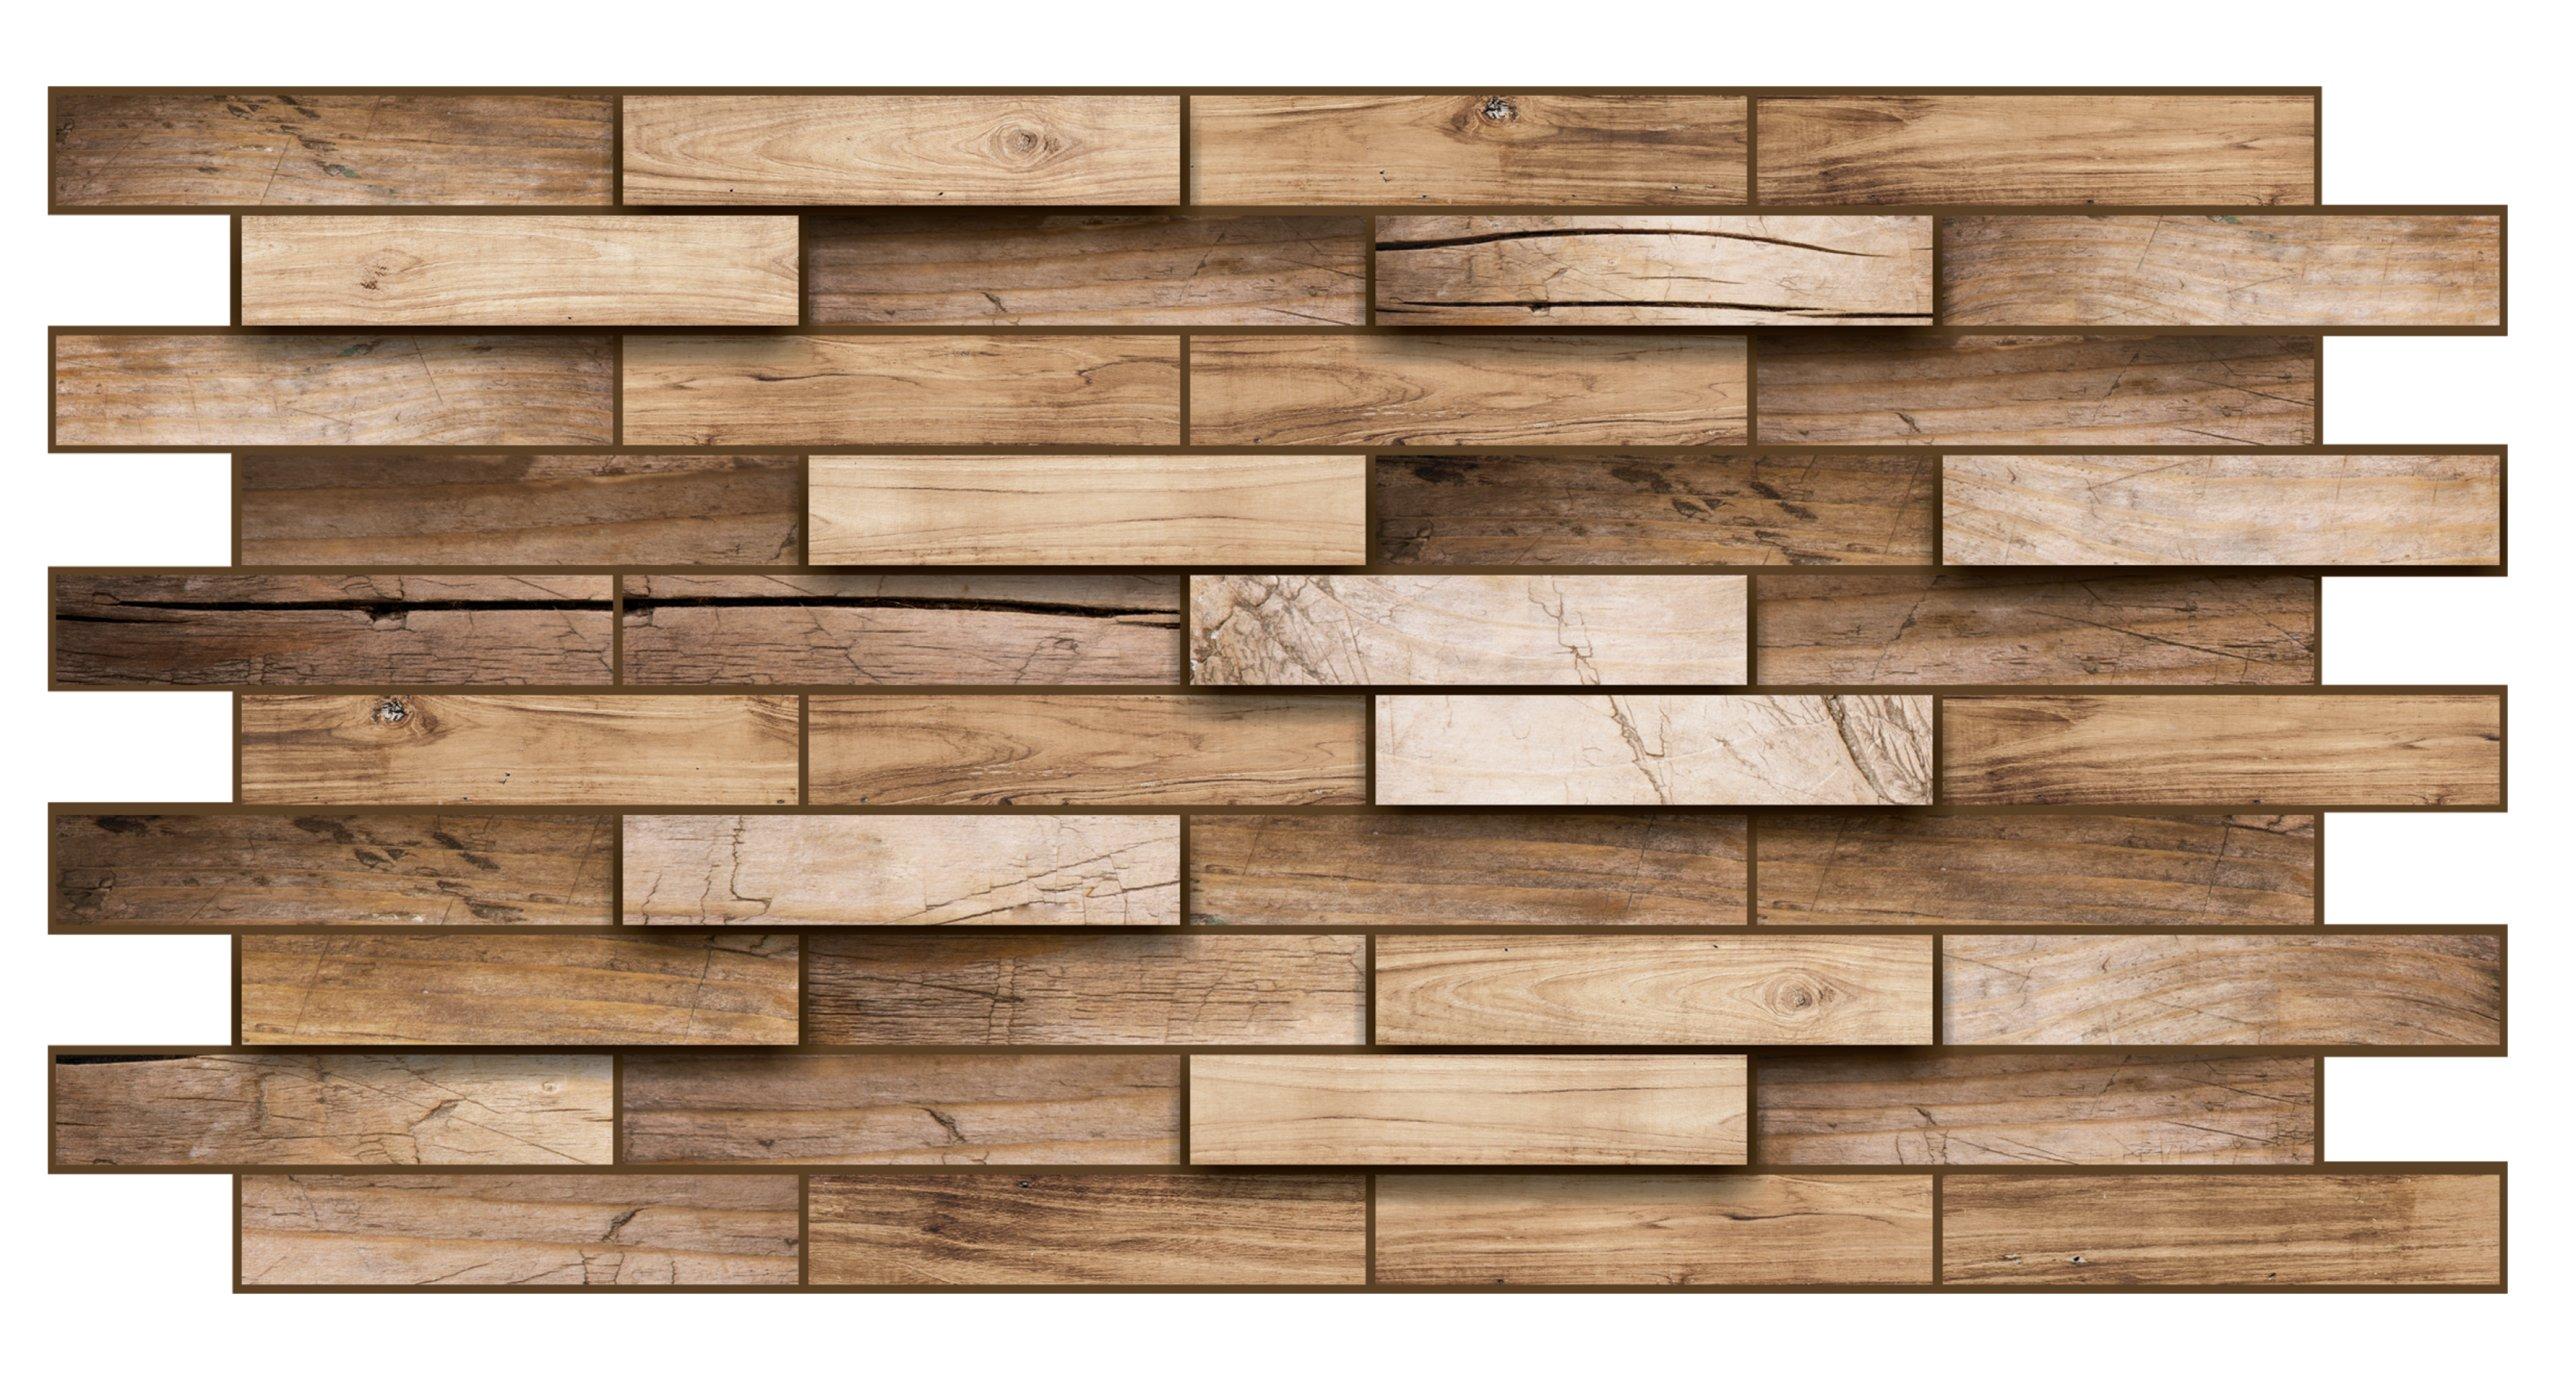 Panele Scienne Dekoracyjne 3d Imitacja Drewna Q Housepl